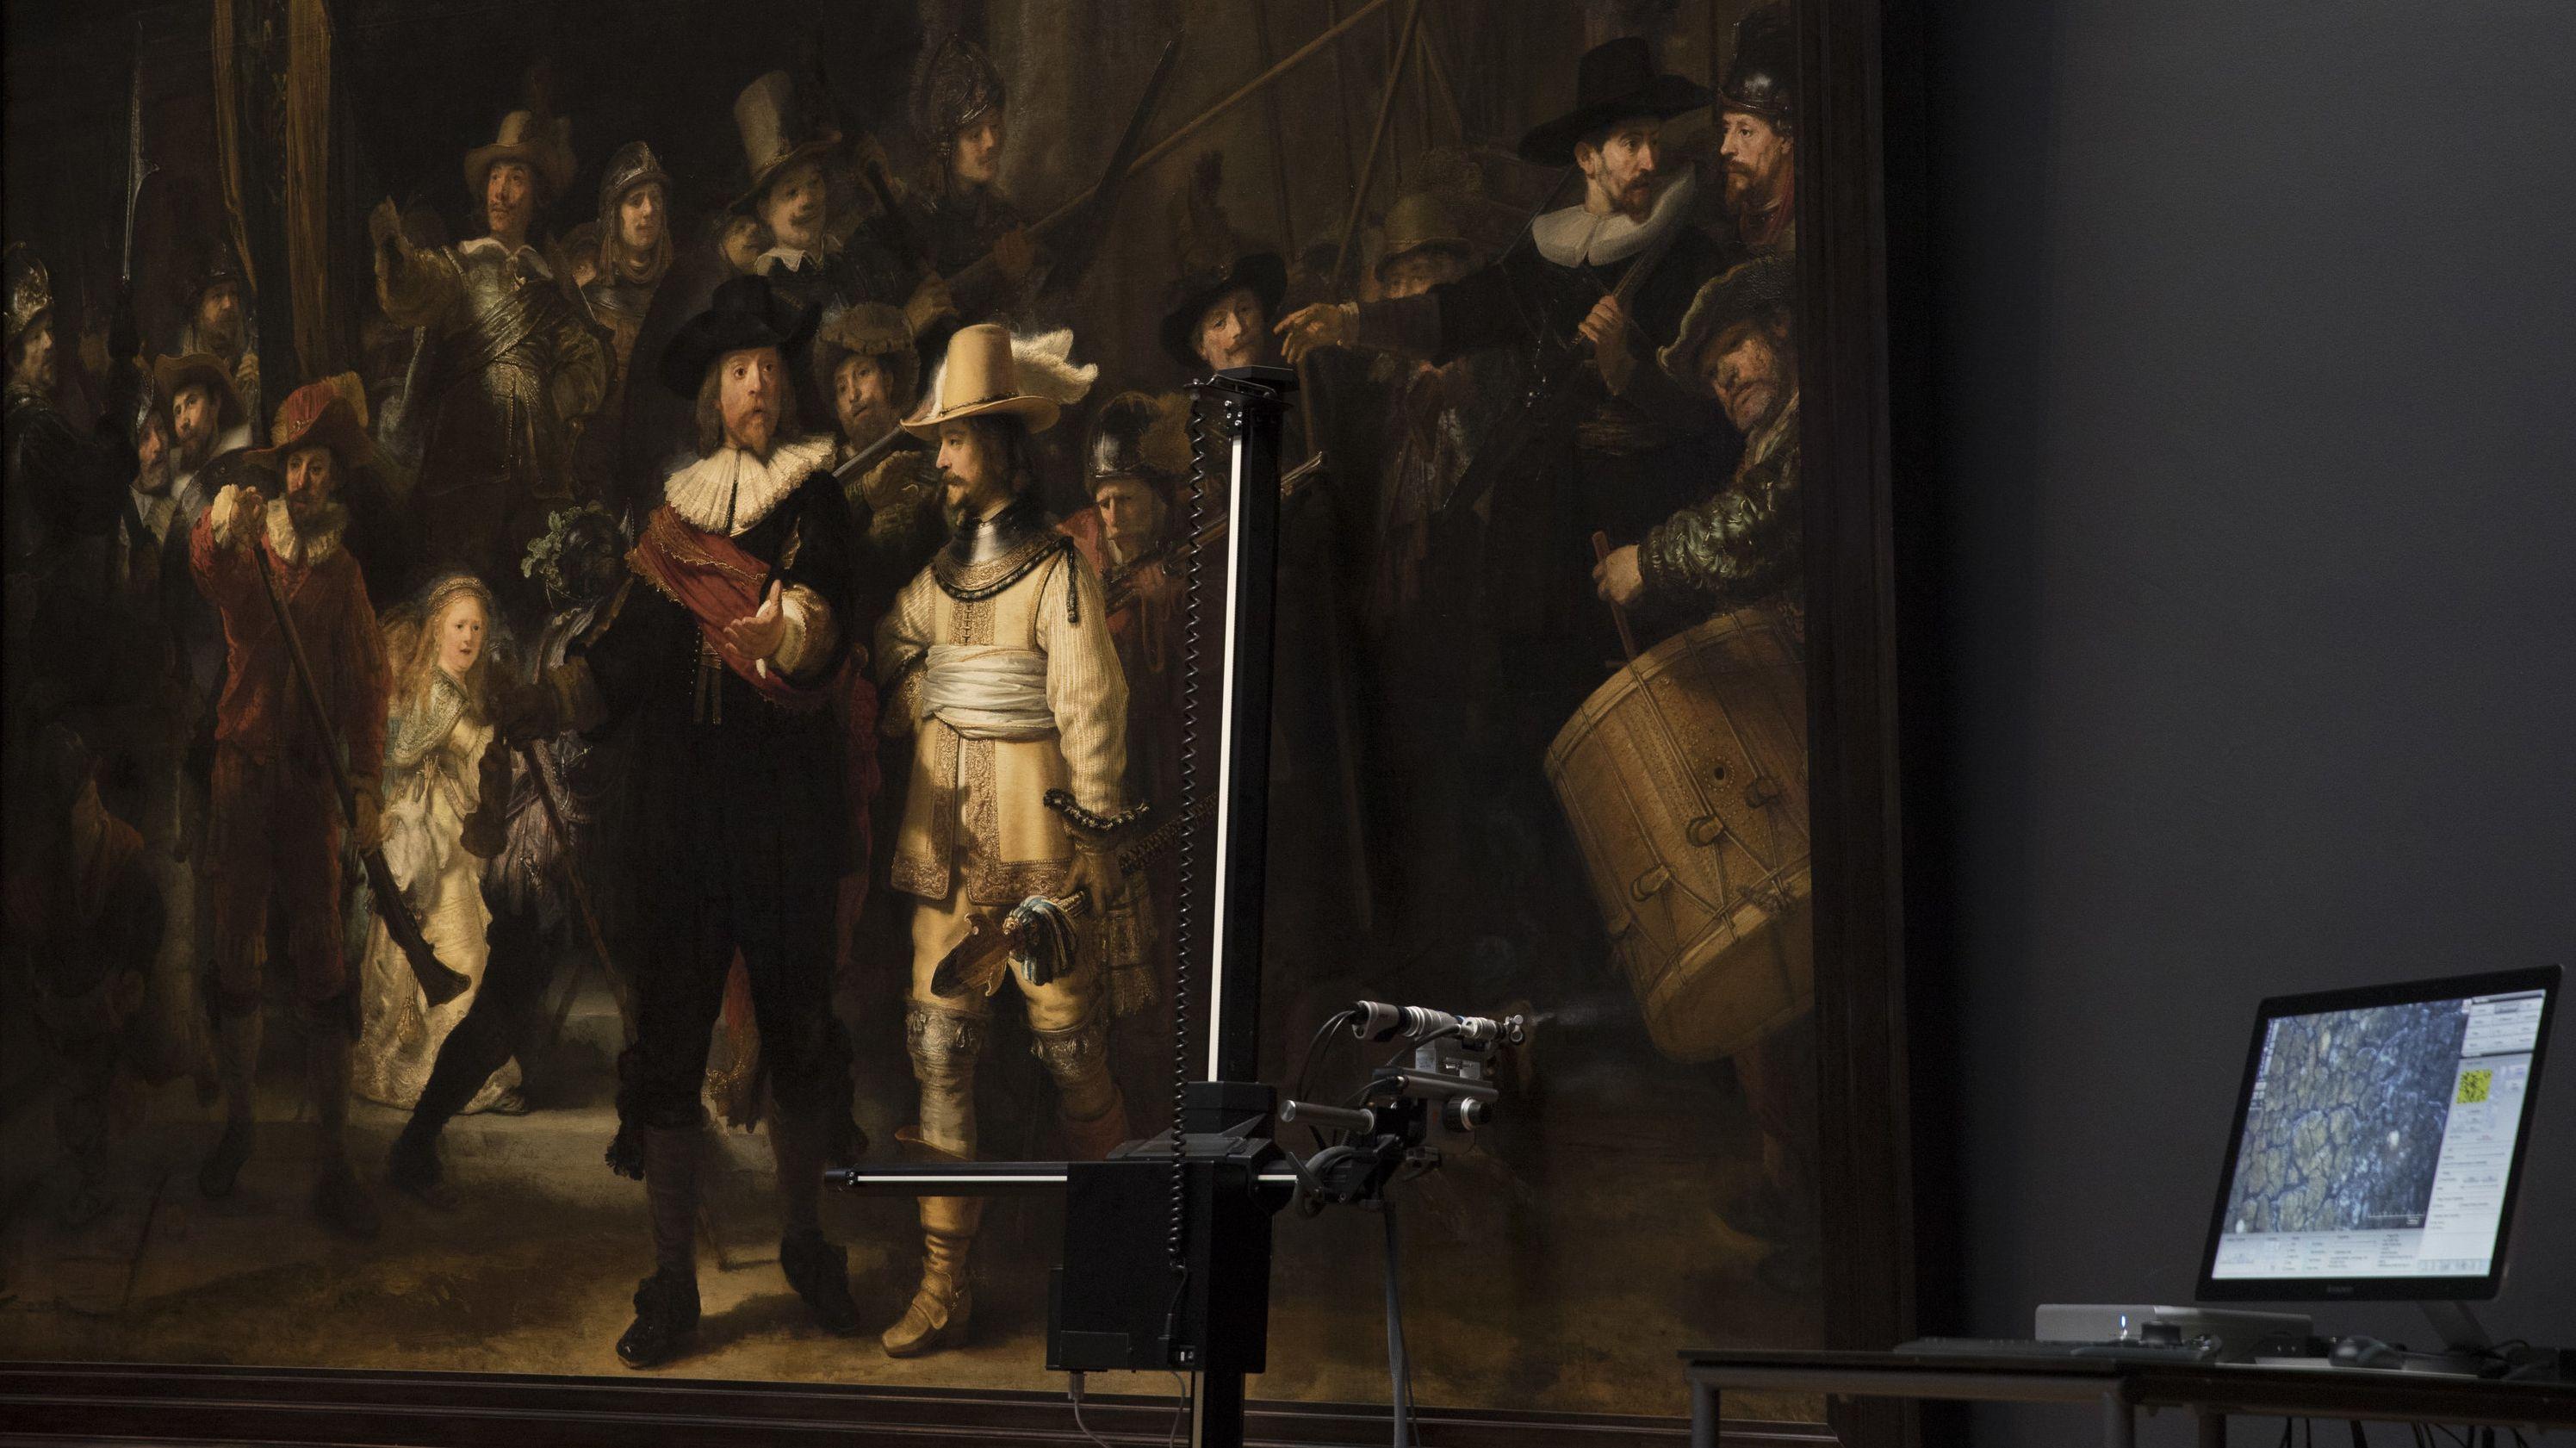 """16.10.2018,  Amsterdam: Blick auf technisches Gerät vor Rembrandts Bild """"Nachtwache"""" im Rijksmuseum"""